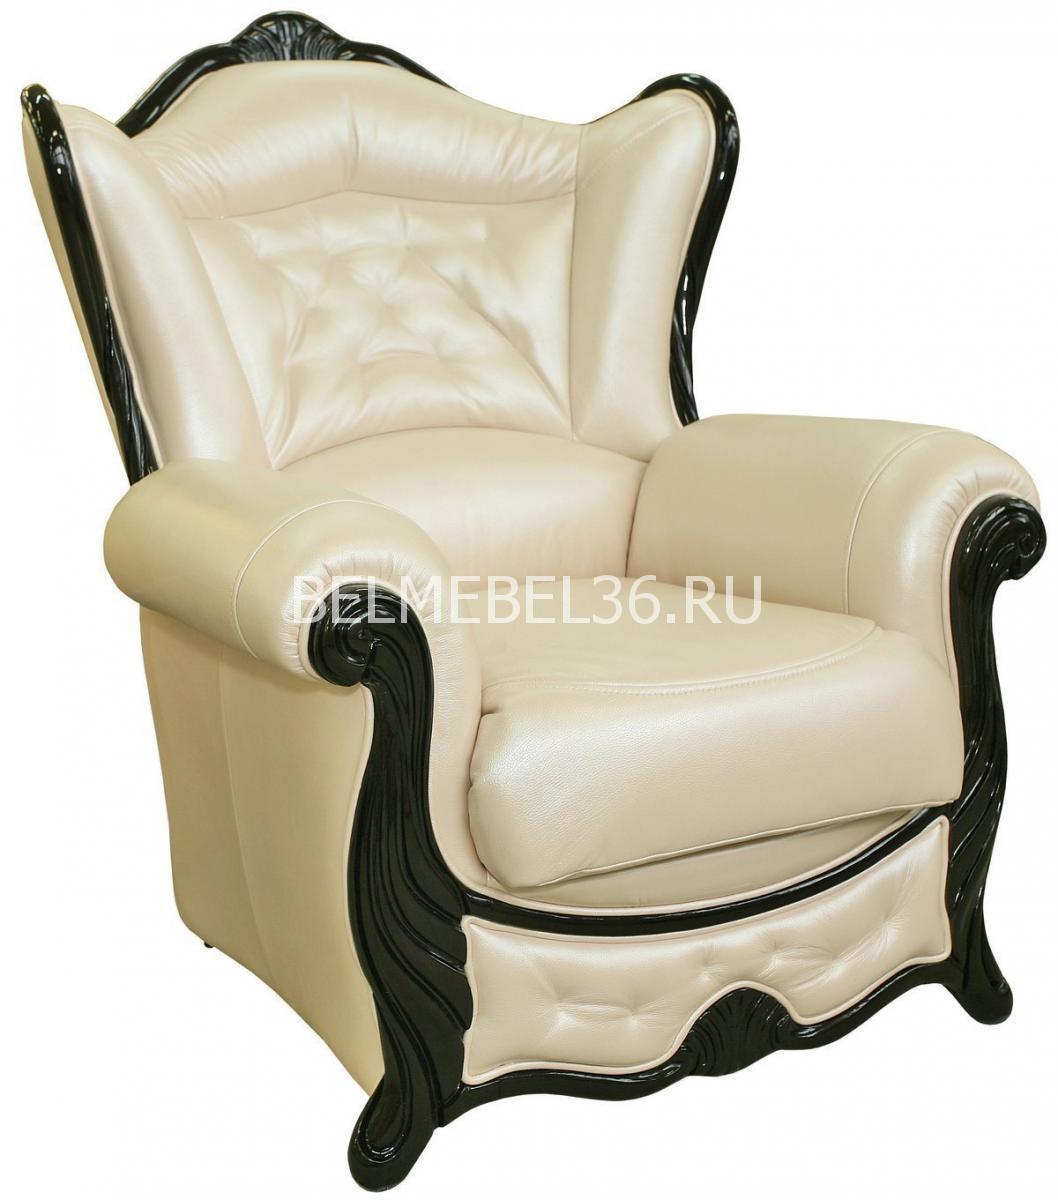 Кресло Патриция (12) П-Д065 | Белорусская мебель в Воронеже